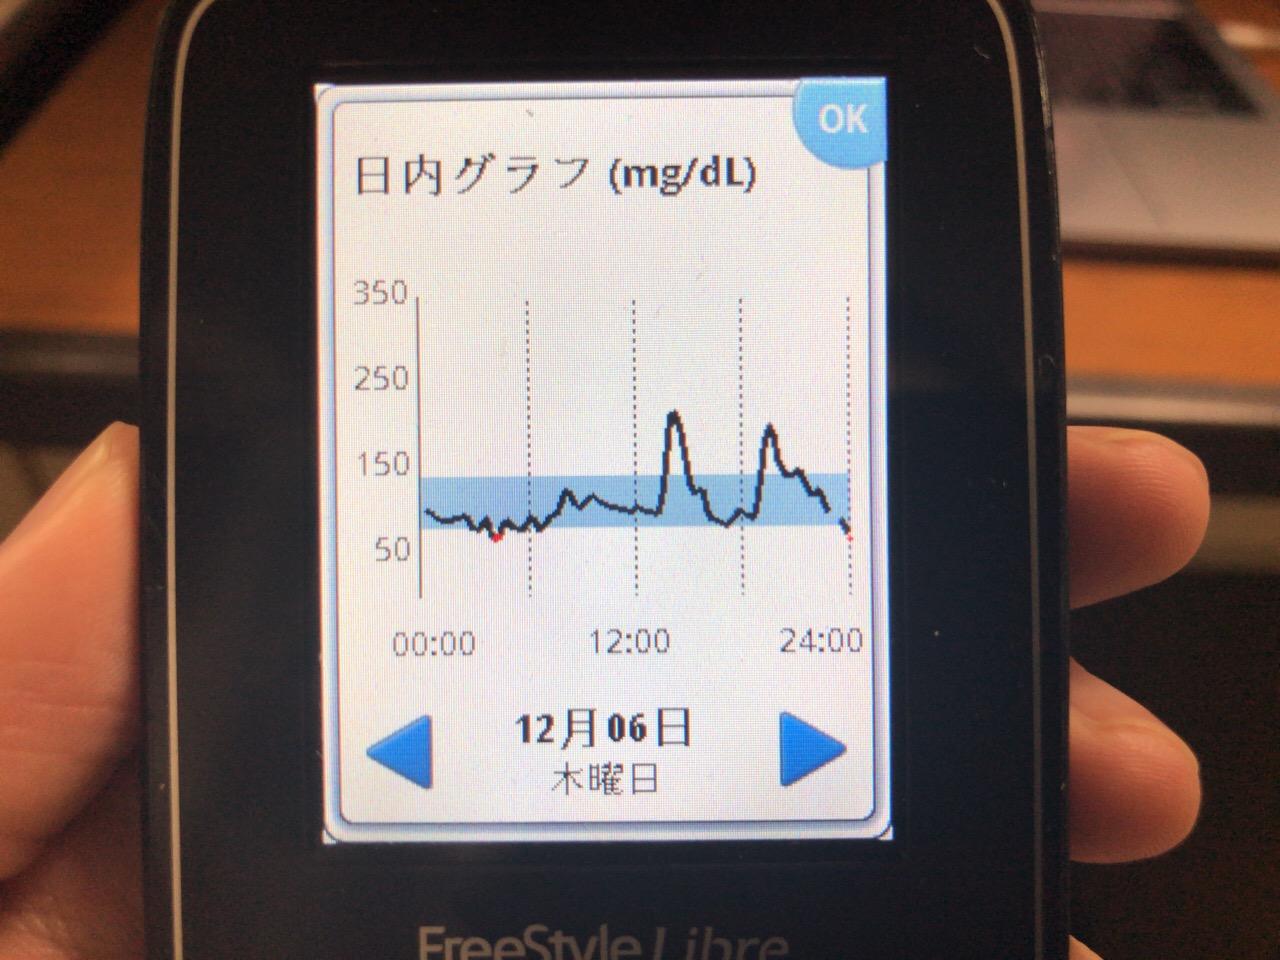 ガトーフェスタハラダのグーテ・デ・ロワ ホワイトチョコレートの血糖値の上げ方がヤバイ!と4枚食べて気づいた1日|糖尿病内科医のフリースタイルリブレ自己血糖記録